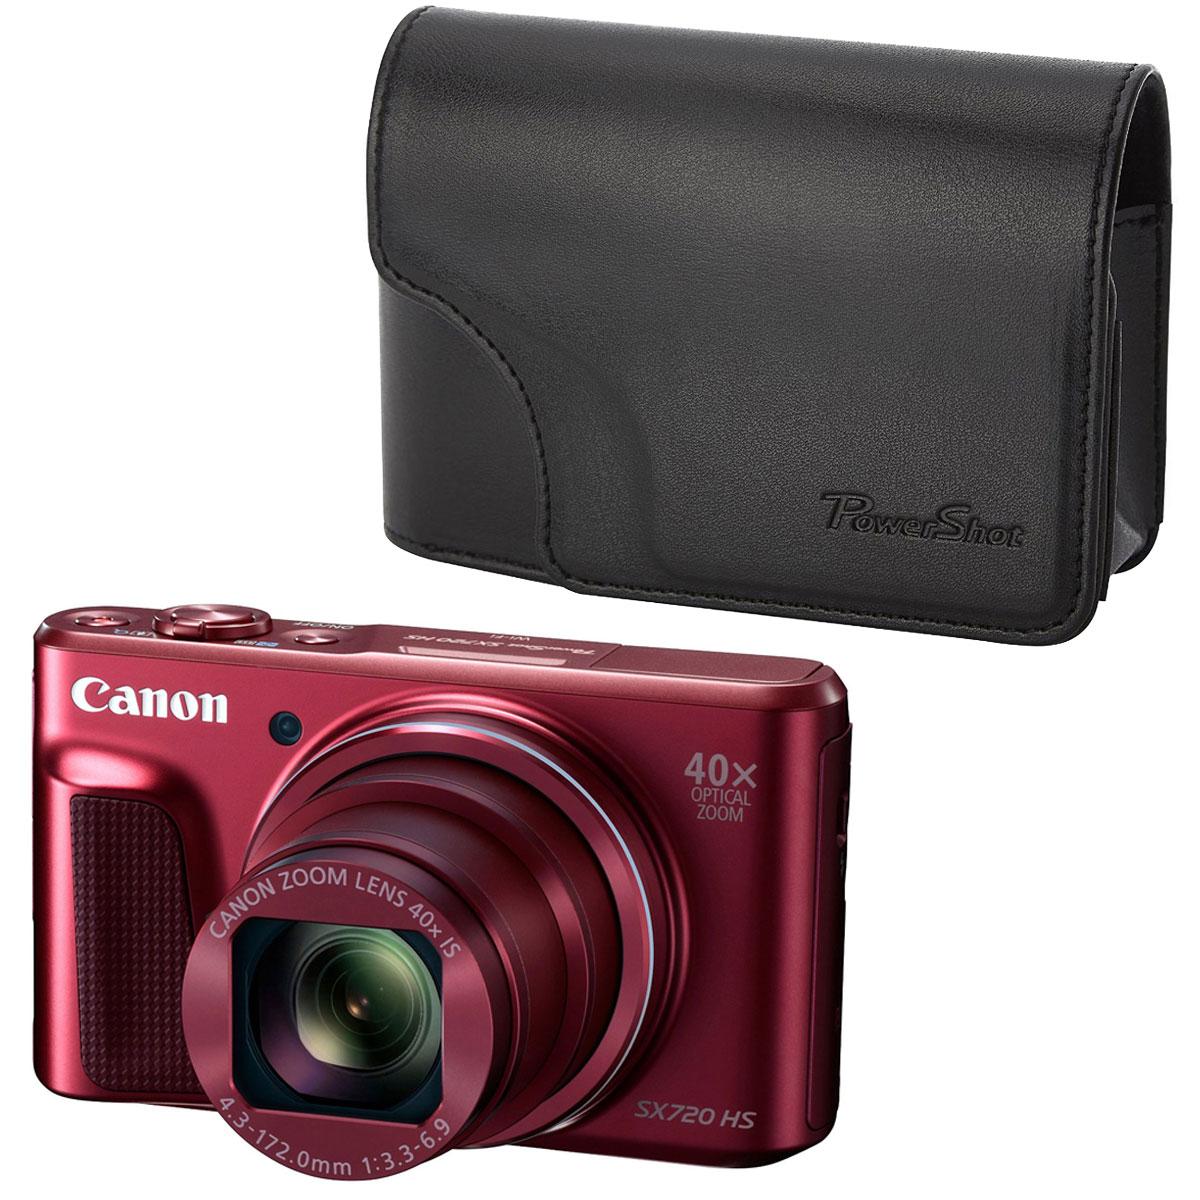 Canon powershot sx720 hs rouge dcc 1570 appareil photo for Ecran appareil photo